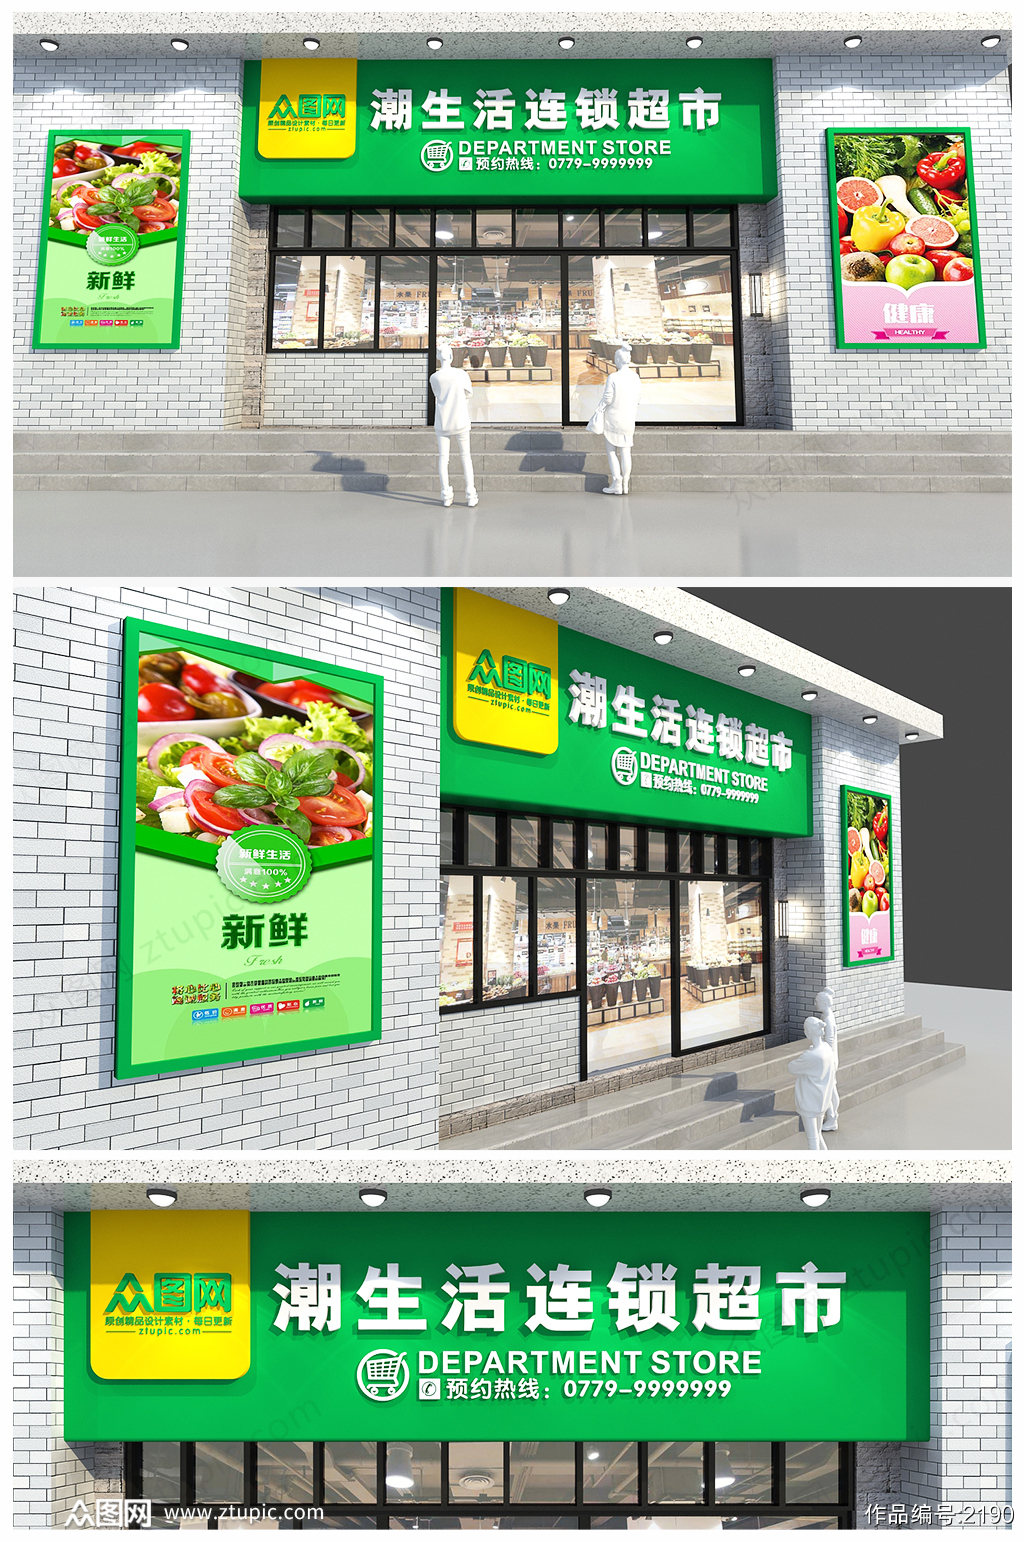 绿色大气清爽便利店超市门头设计市集门头素材